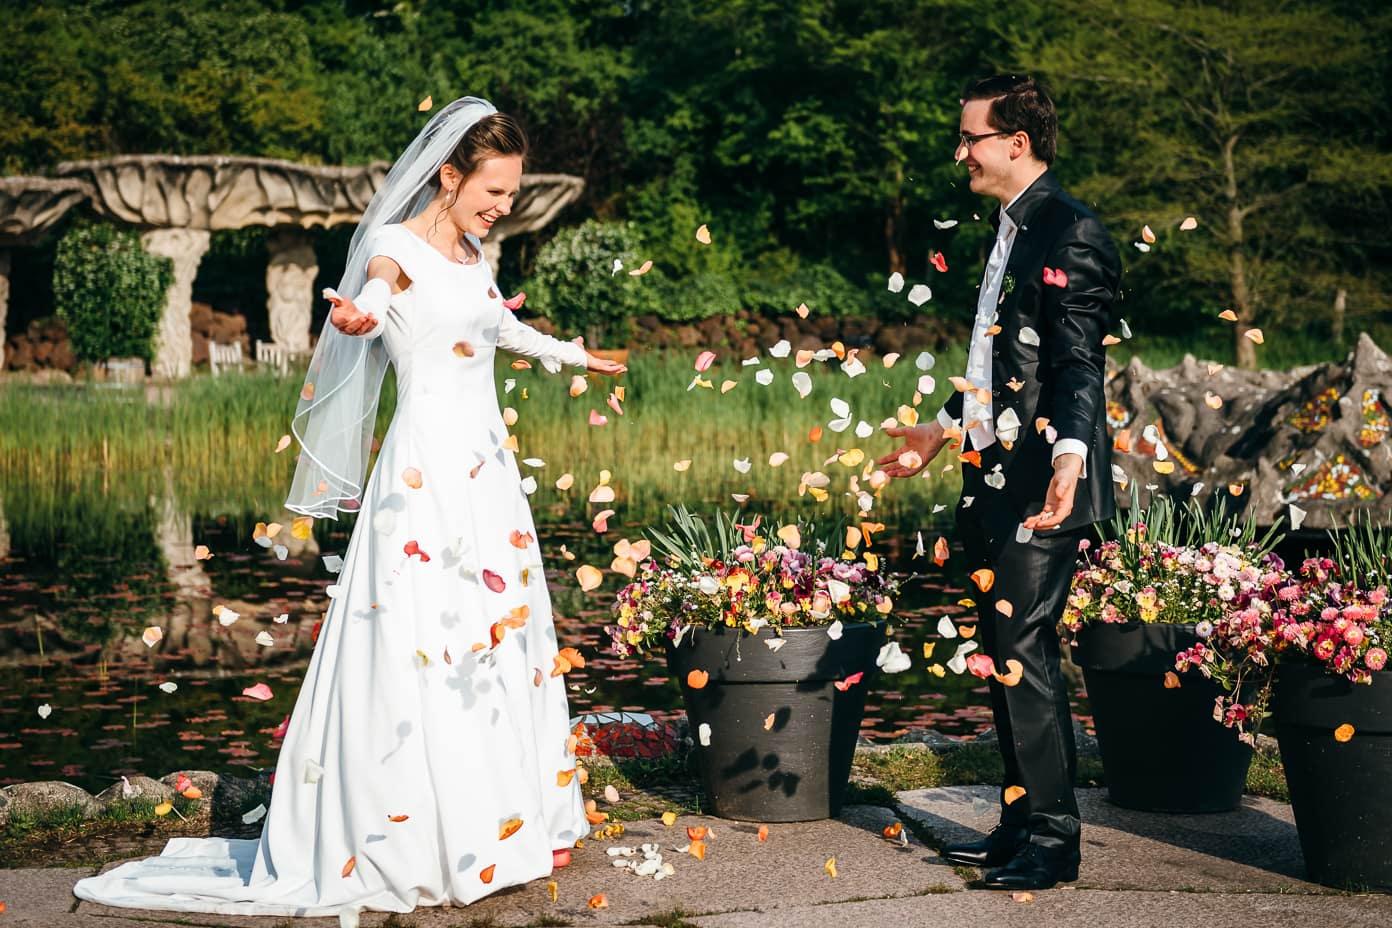 Brautpaar mit Blütenblättern (Rosen)